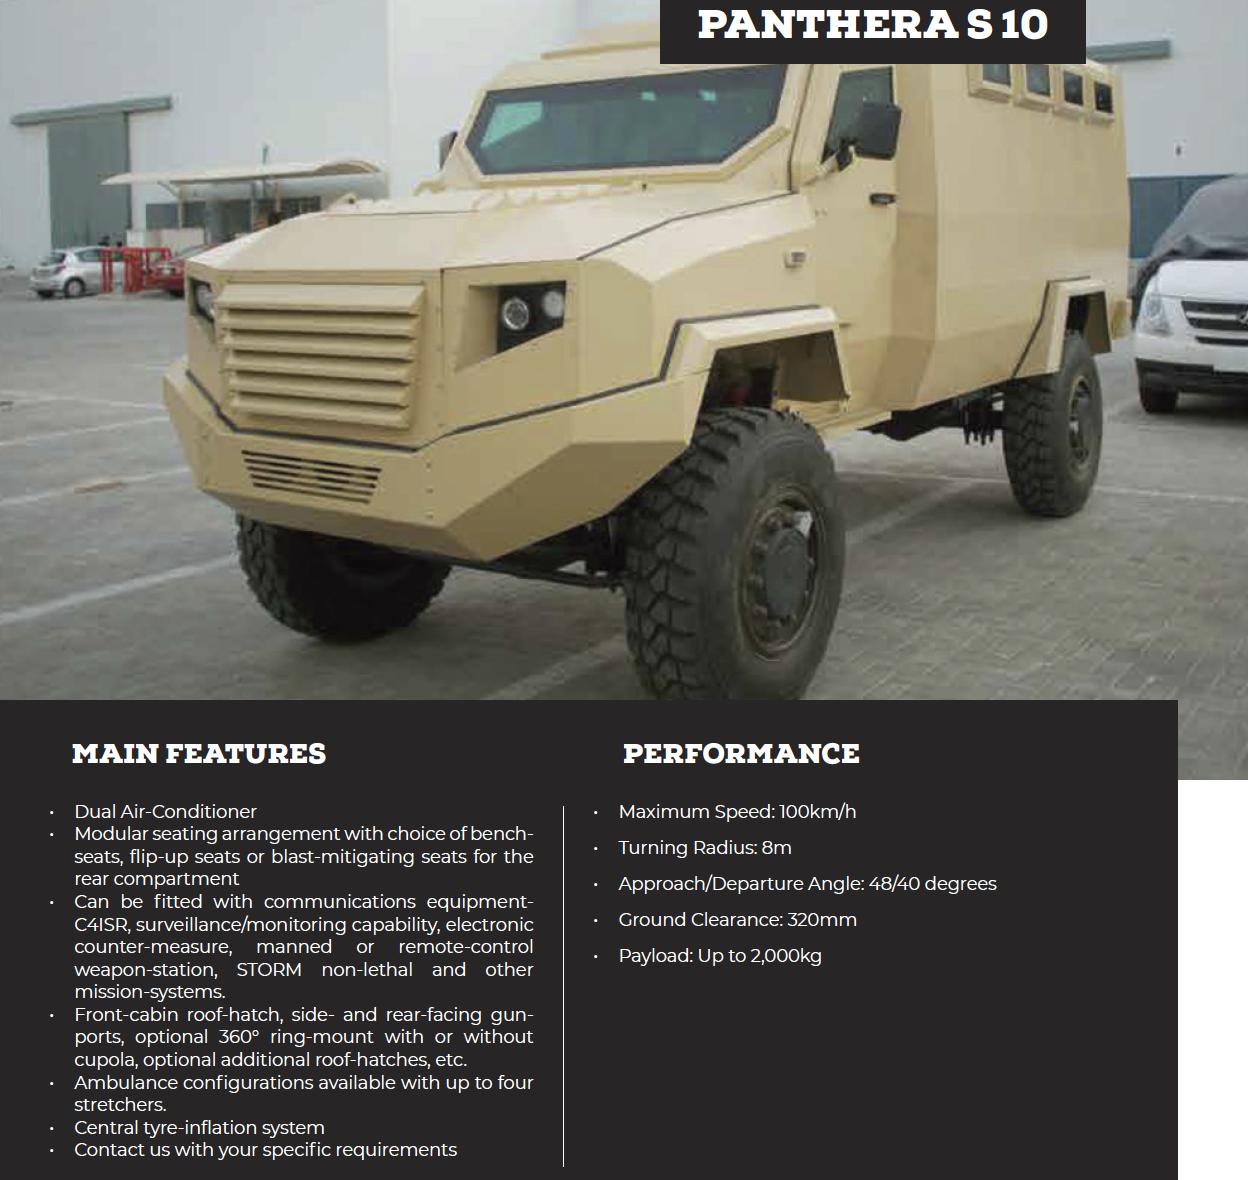 Panthera S 10